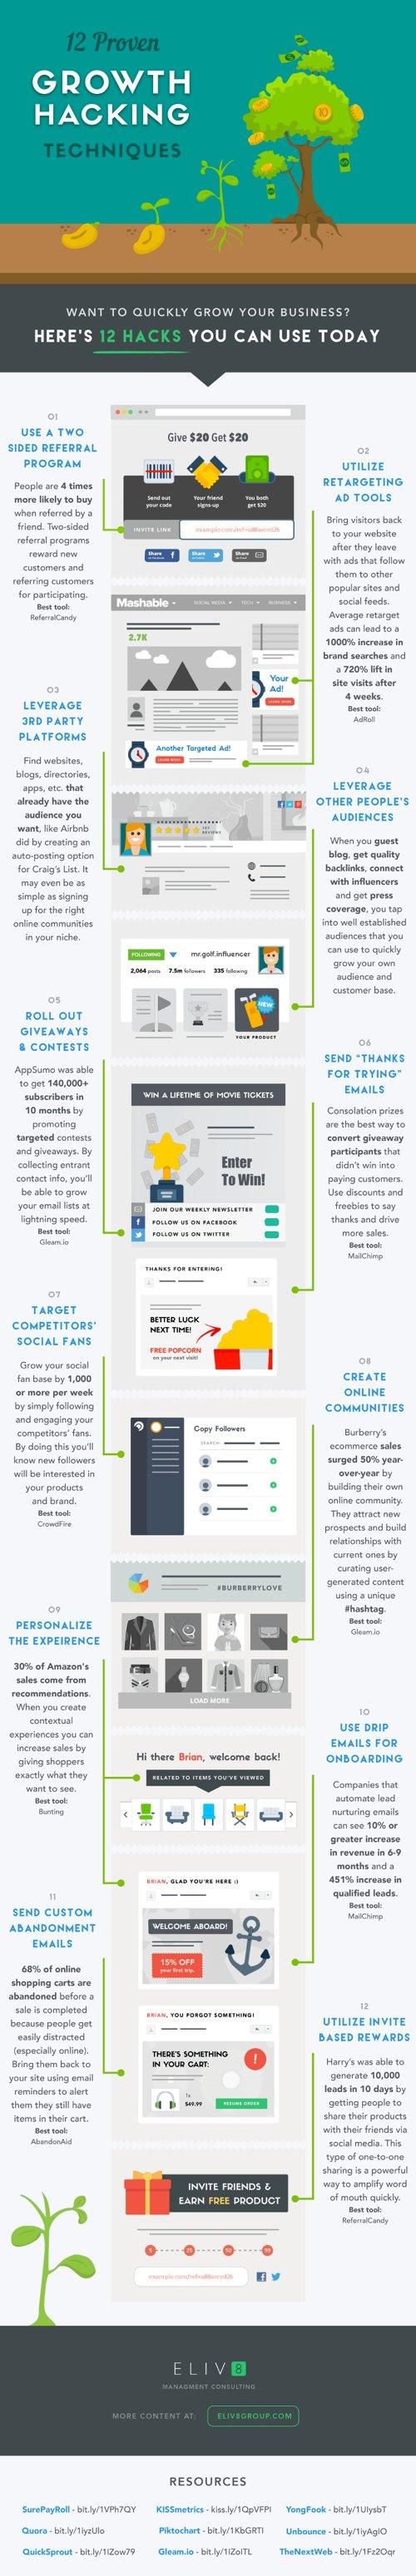 XX12 técnicas efectivas de growth hacking #infografía